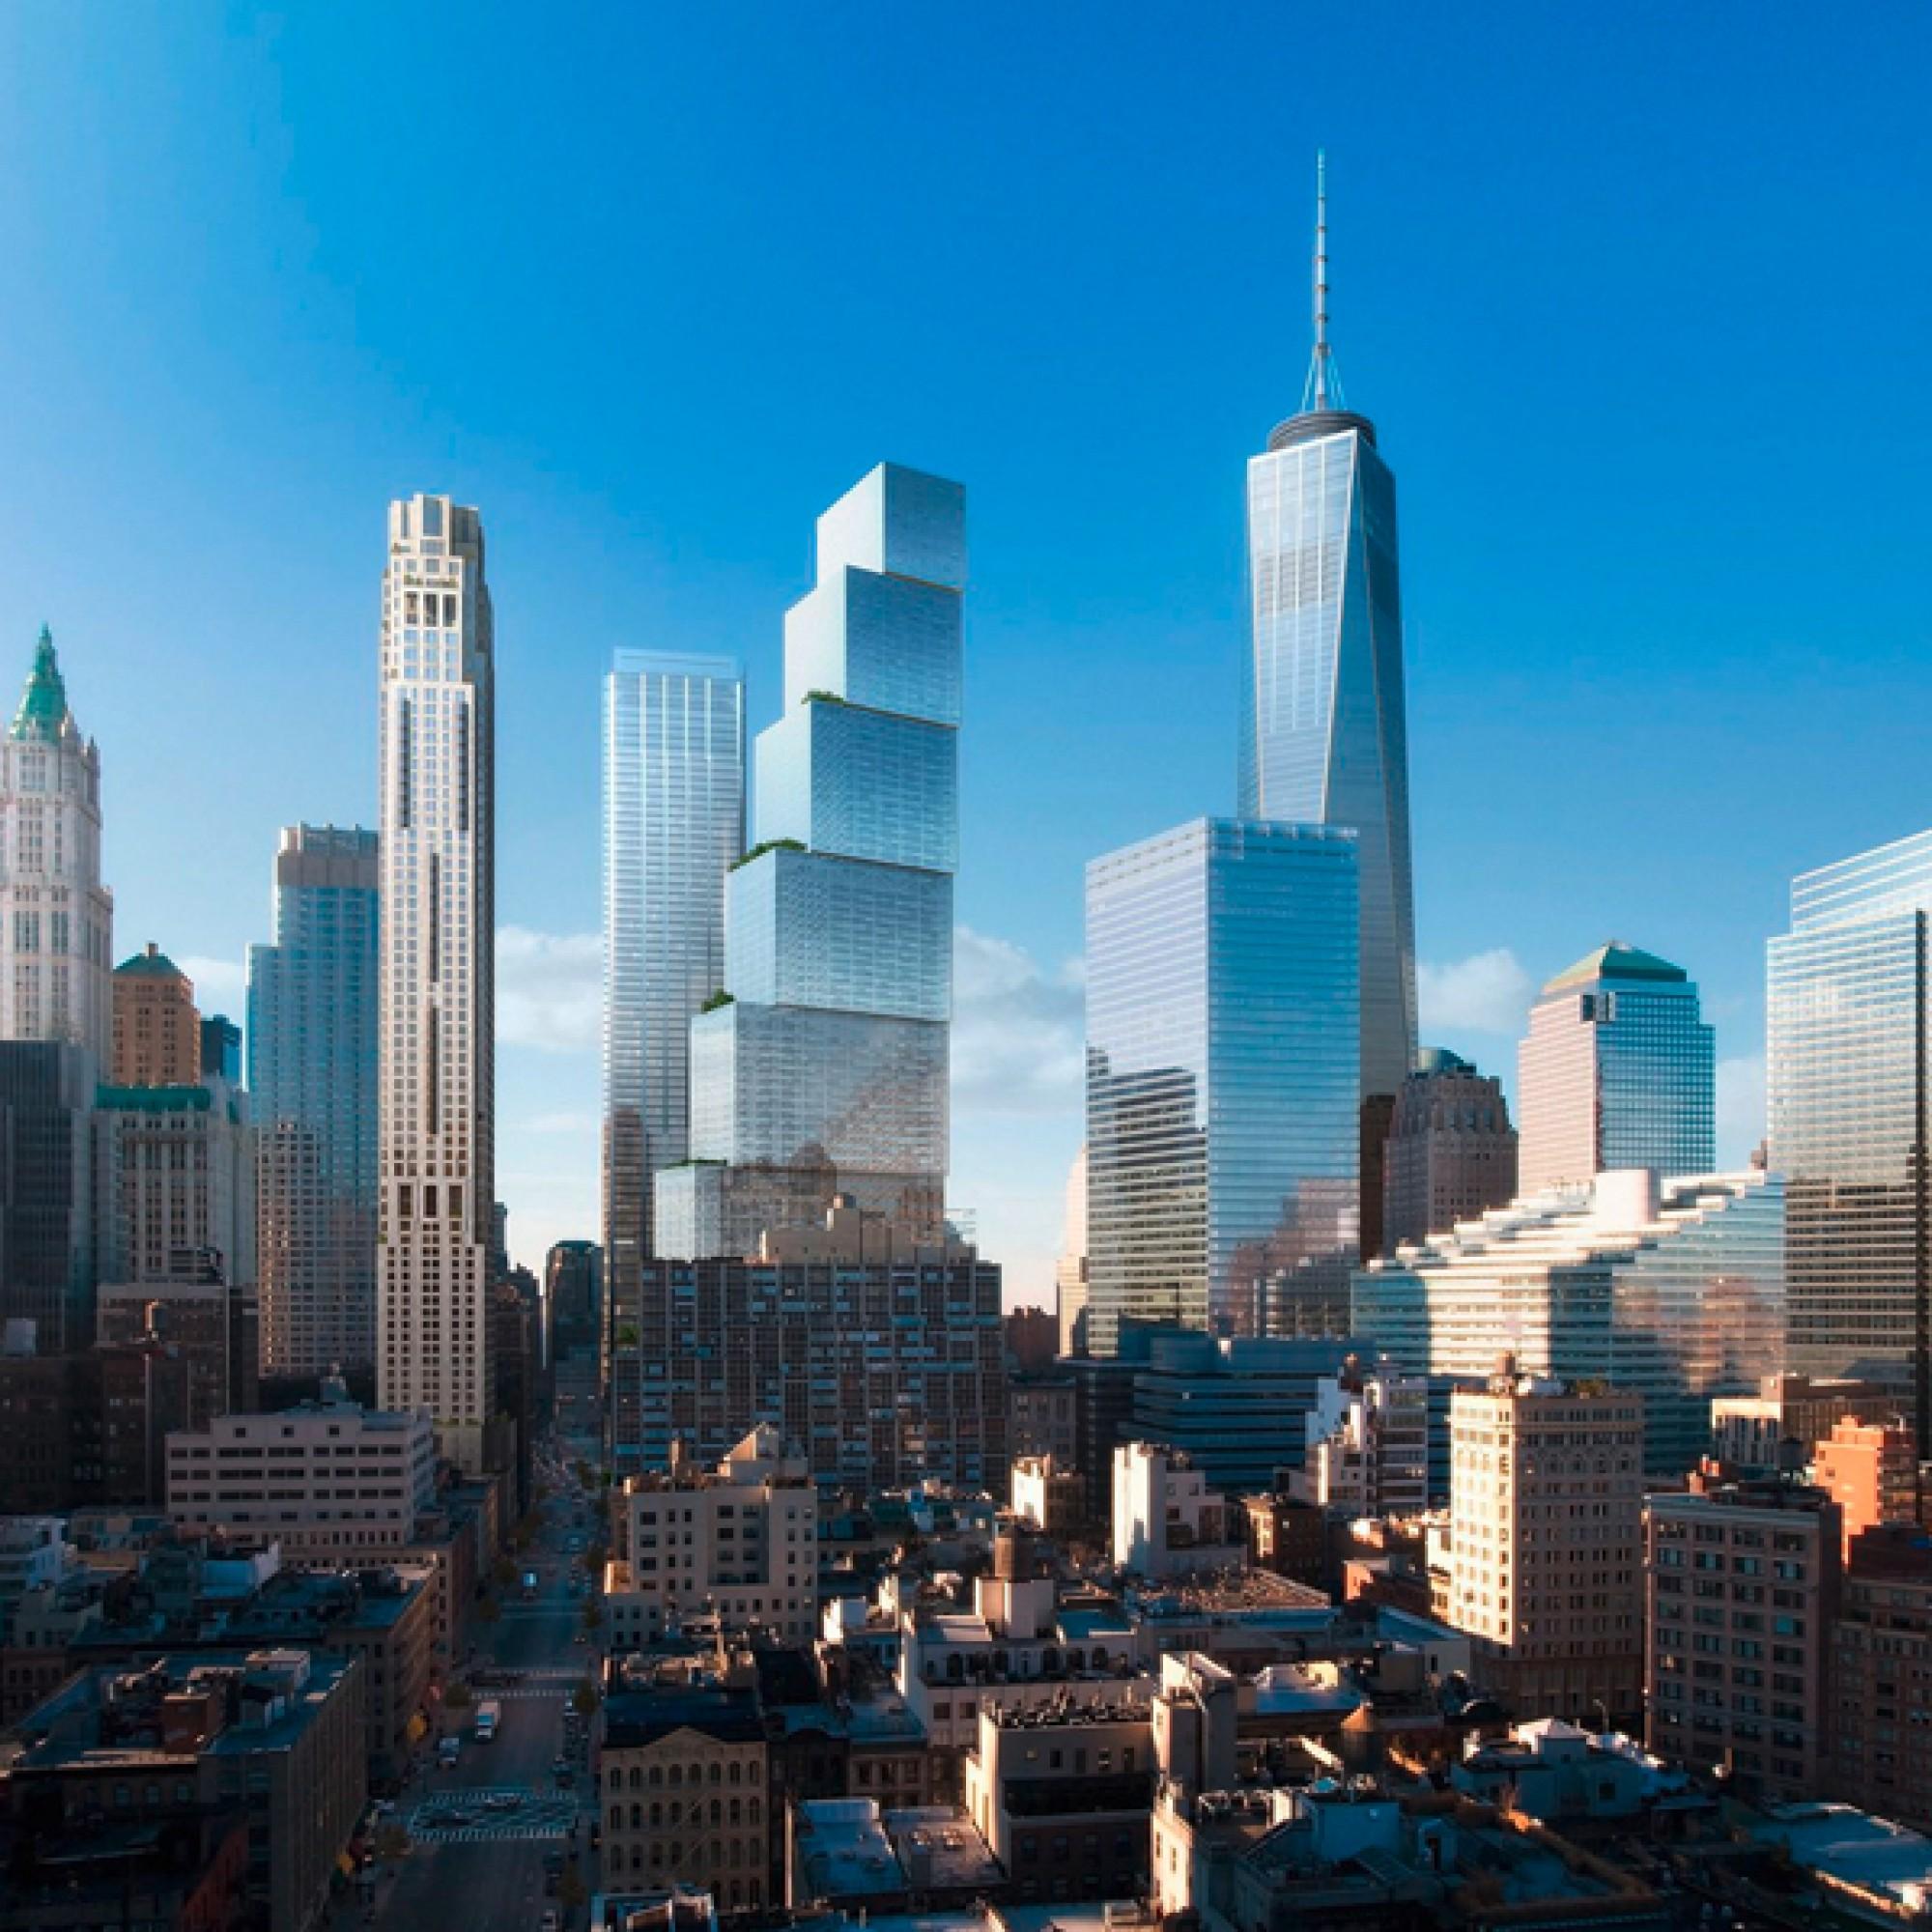 New Yorks künftige Skyline wird geprägt von Bjarke Ingels mit dem 2WTC. (zvg)